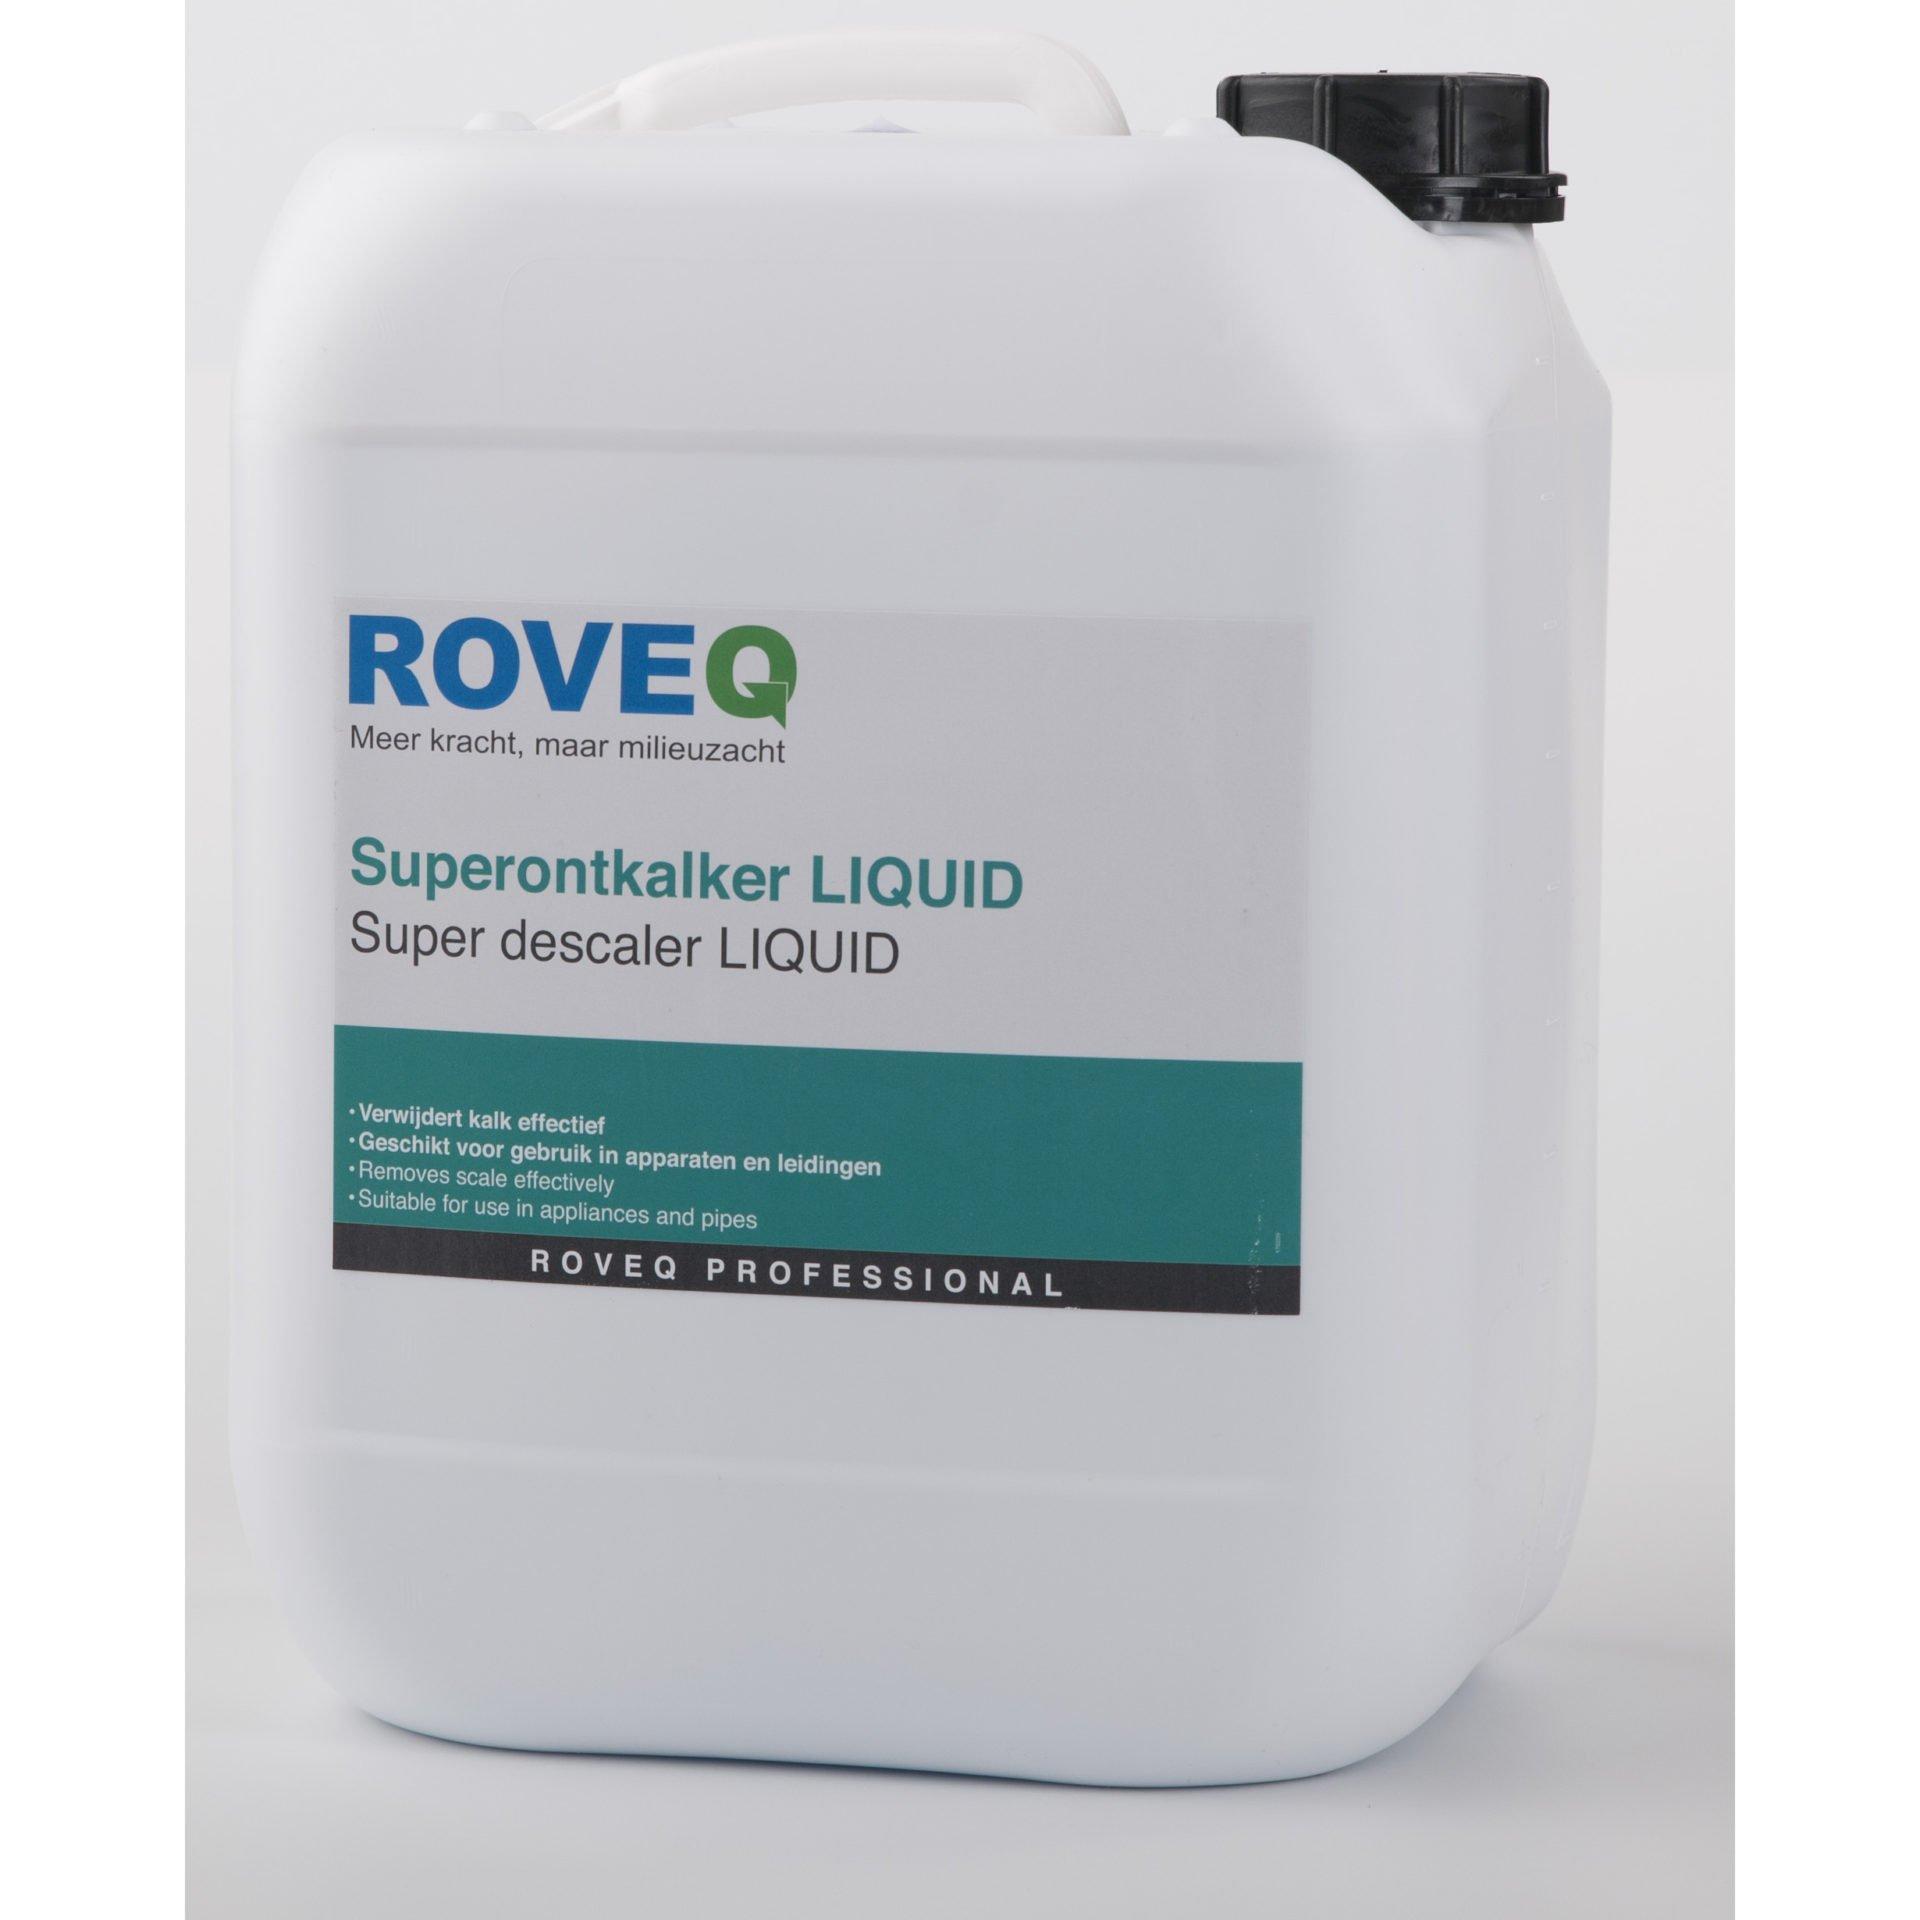 Veilige ontkalkers roveq schoonmaakproducten - Industriele apparaten ...